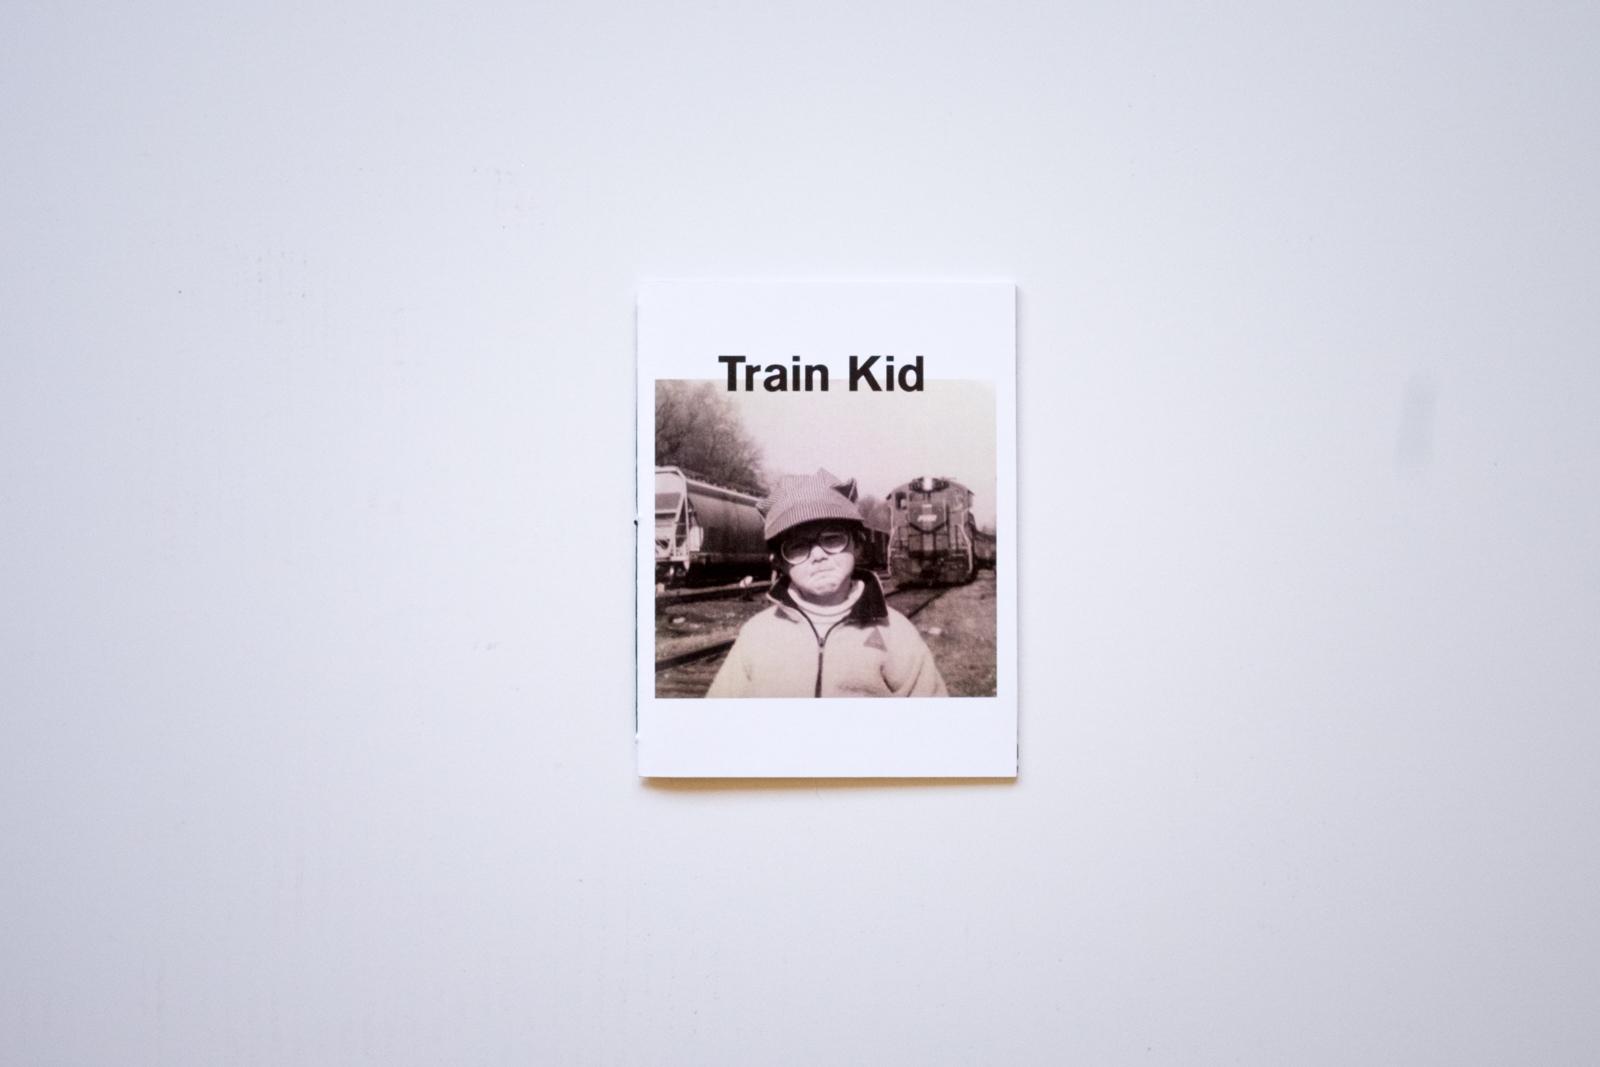 Train Kid